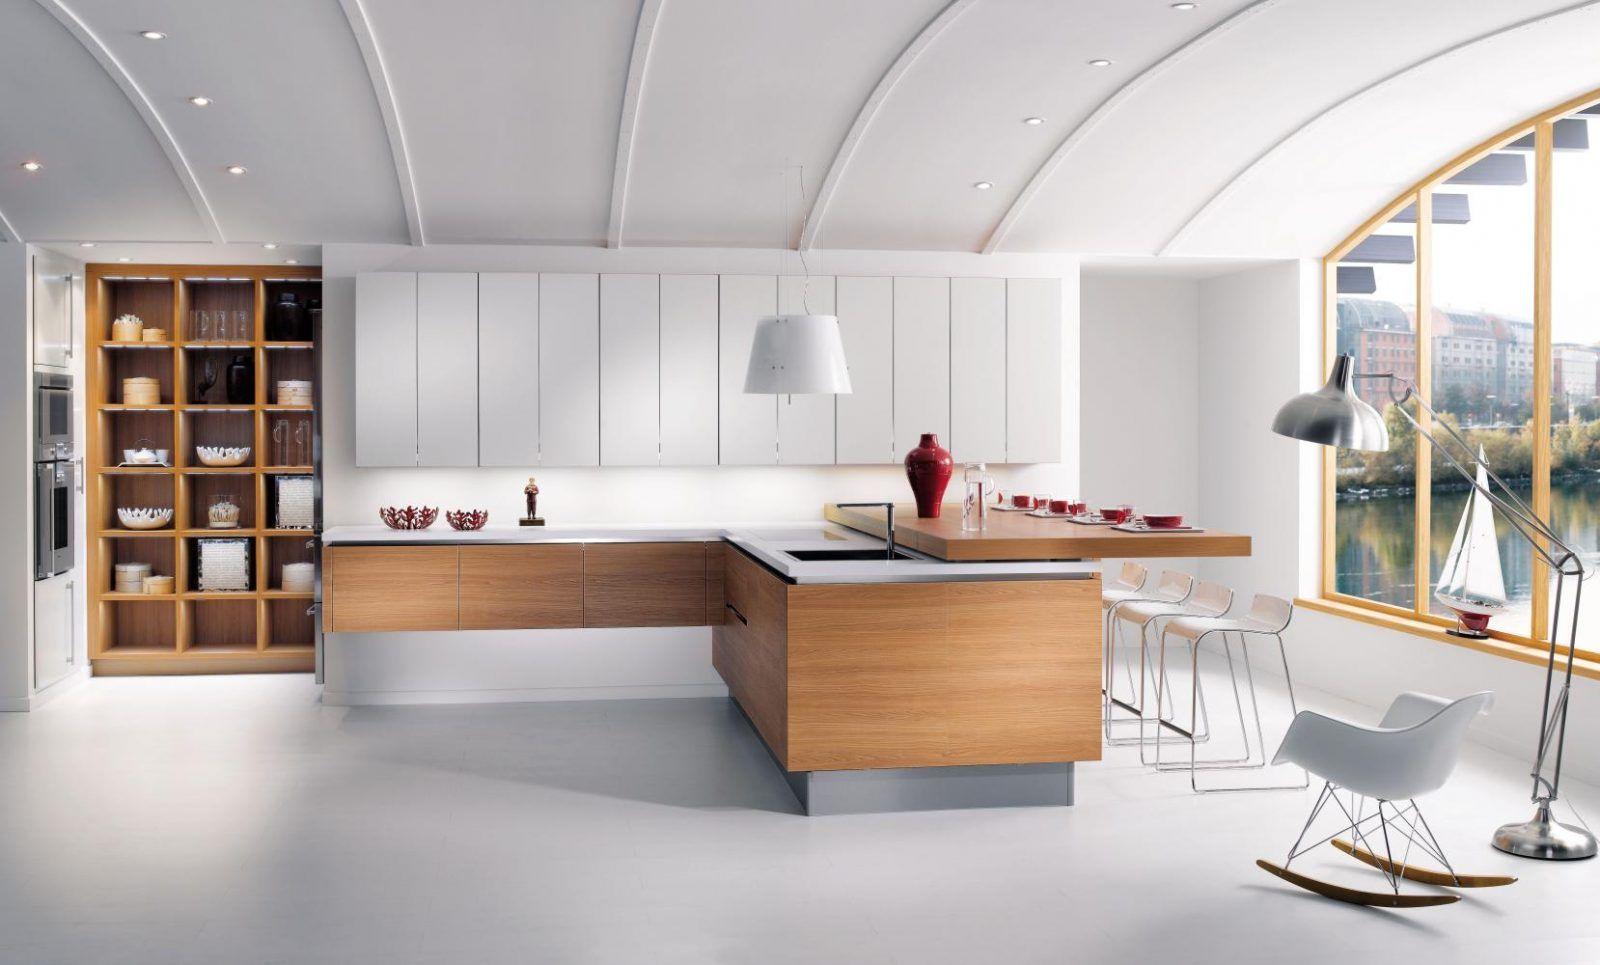 Isla de cocina moderna :: Si dispones de espacio suficiente para ...